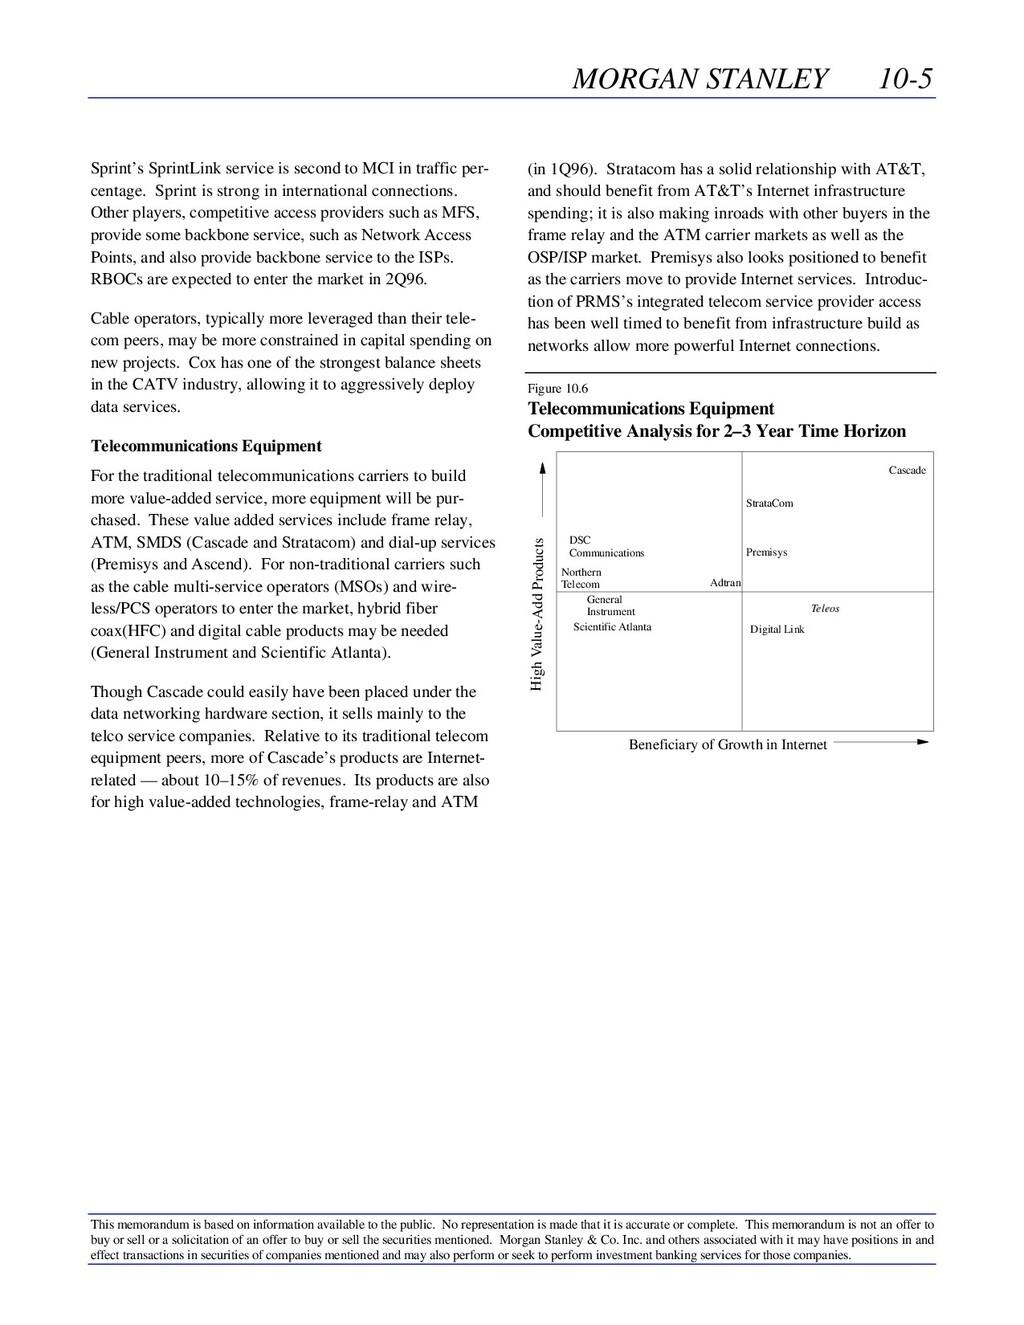 MORGAN STANLEY 10-5 This memorandum is based on...